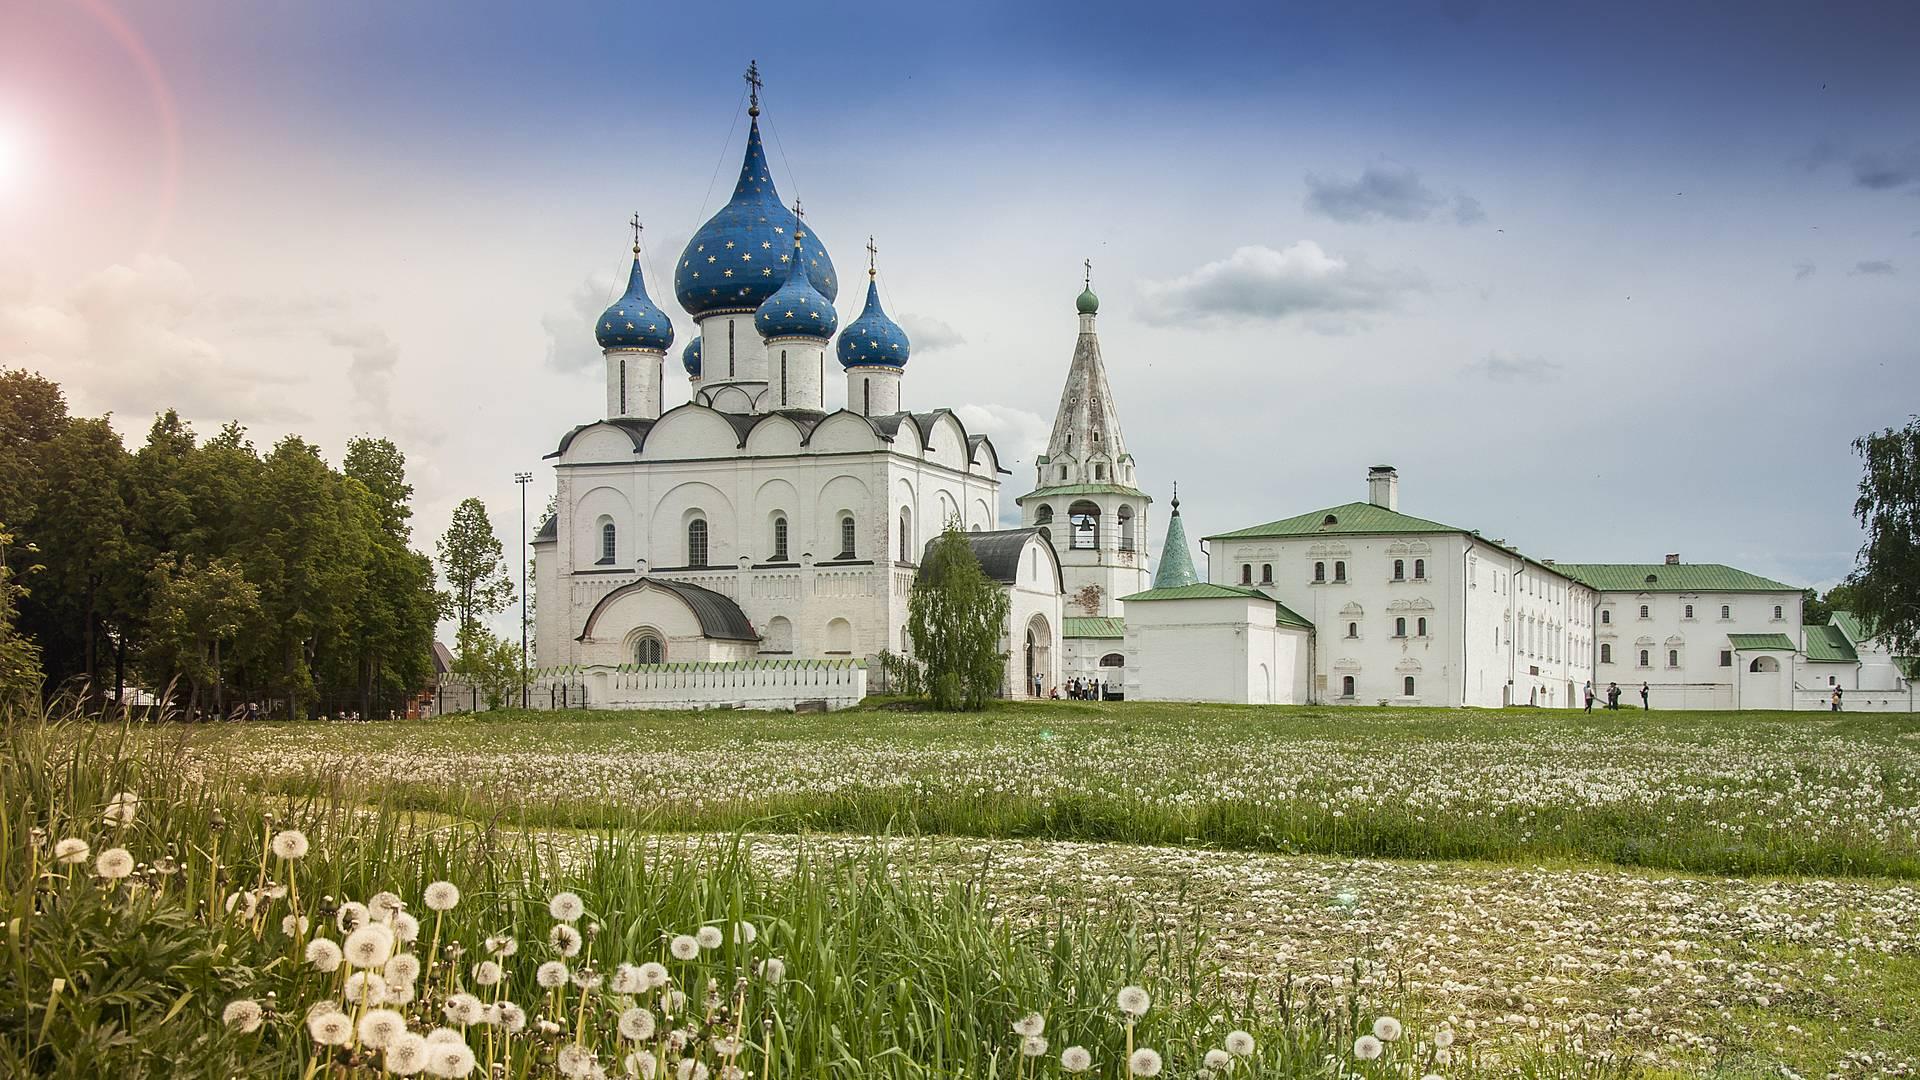 Mosca, i tesori dei Romanov e l'Anello d'Oro